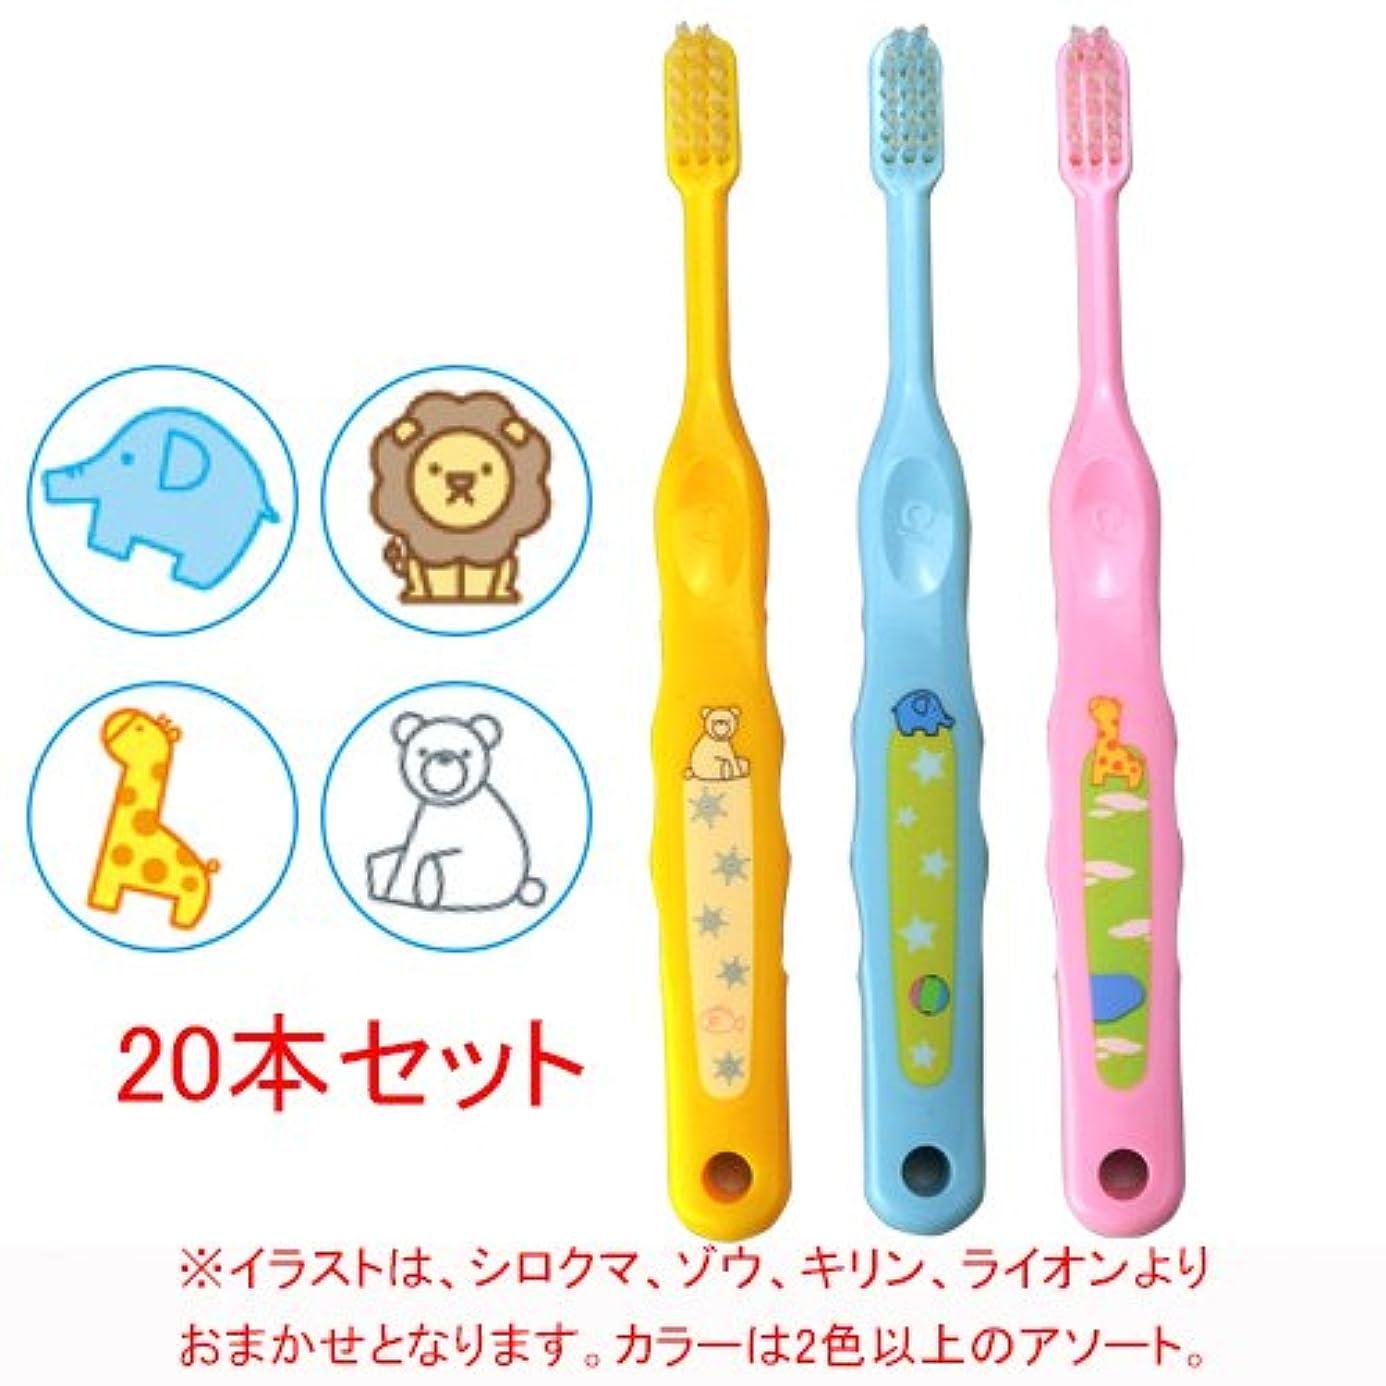 鋸歯状バドミントン公使館Ciメディカル Ci なまえ歯ブラシ 503 (やわらかめ) (乳児~小学生向)×20本